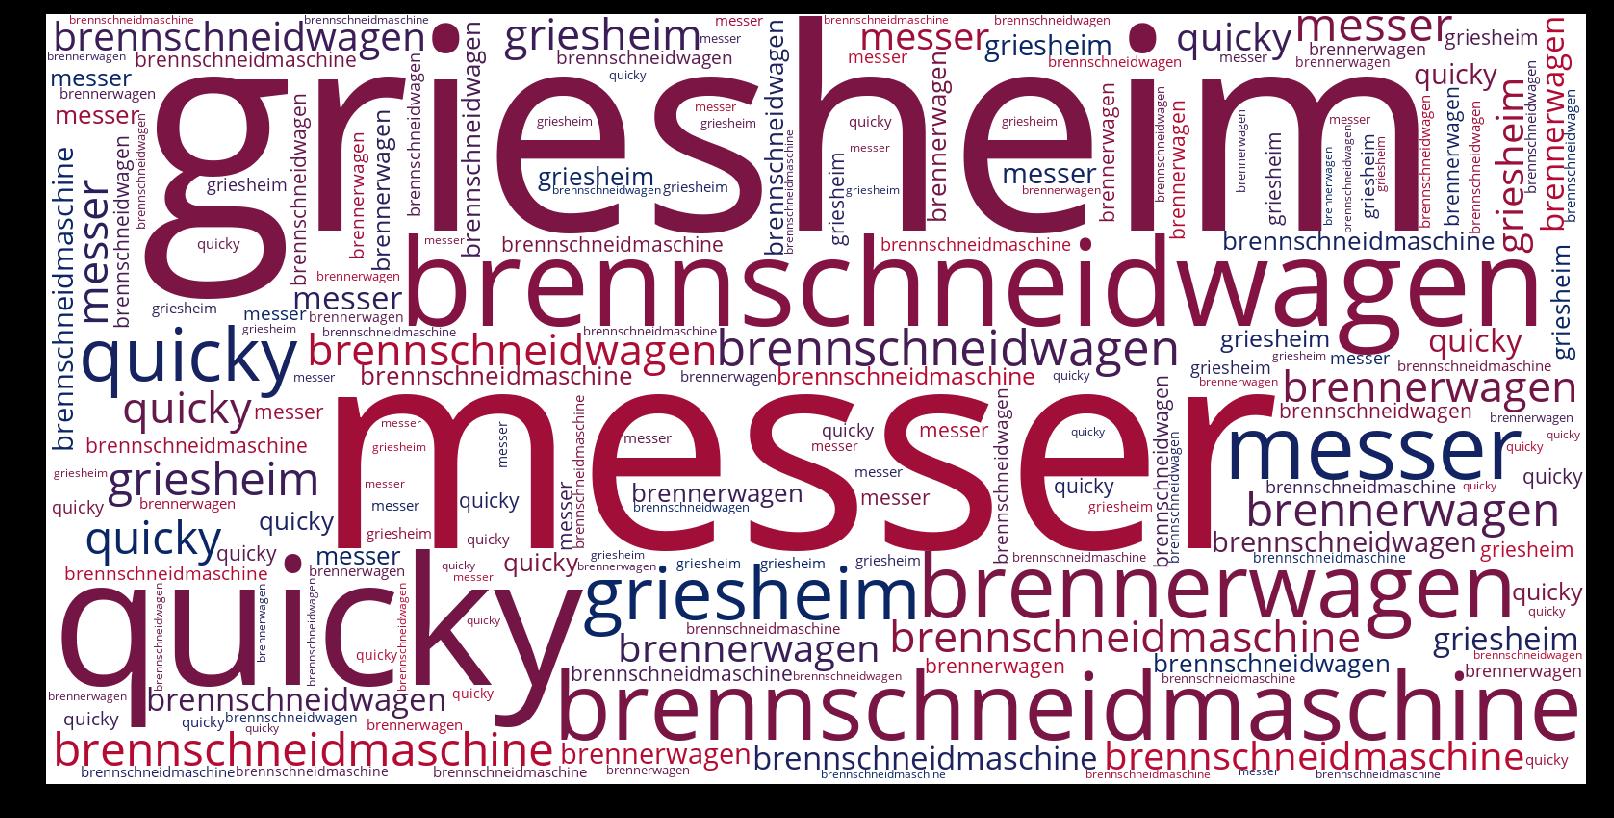 Brennschneidmaschine-wordcloud